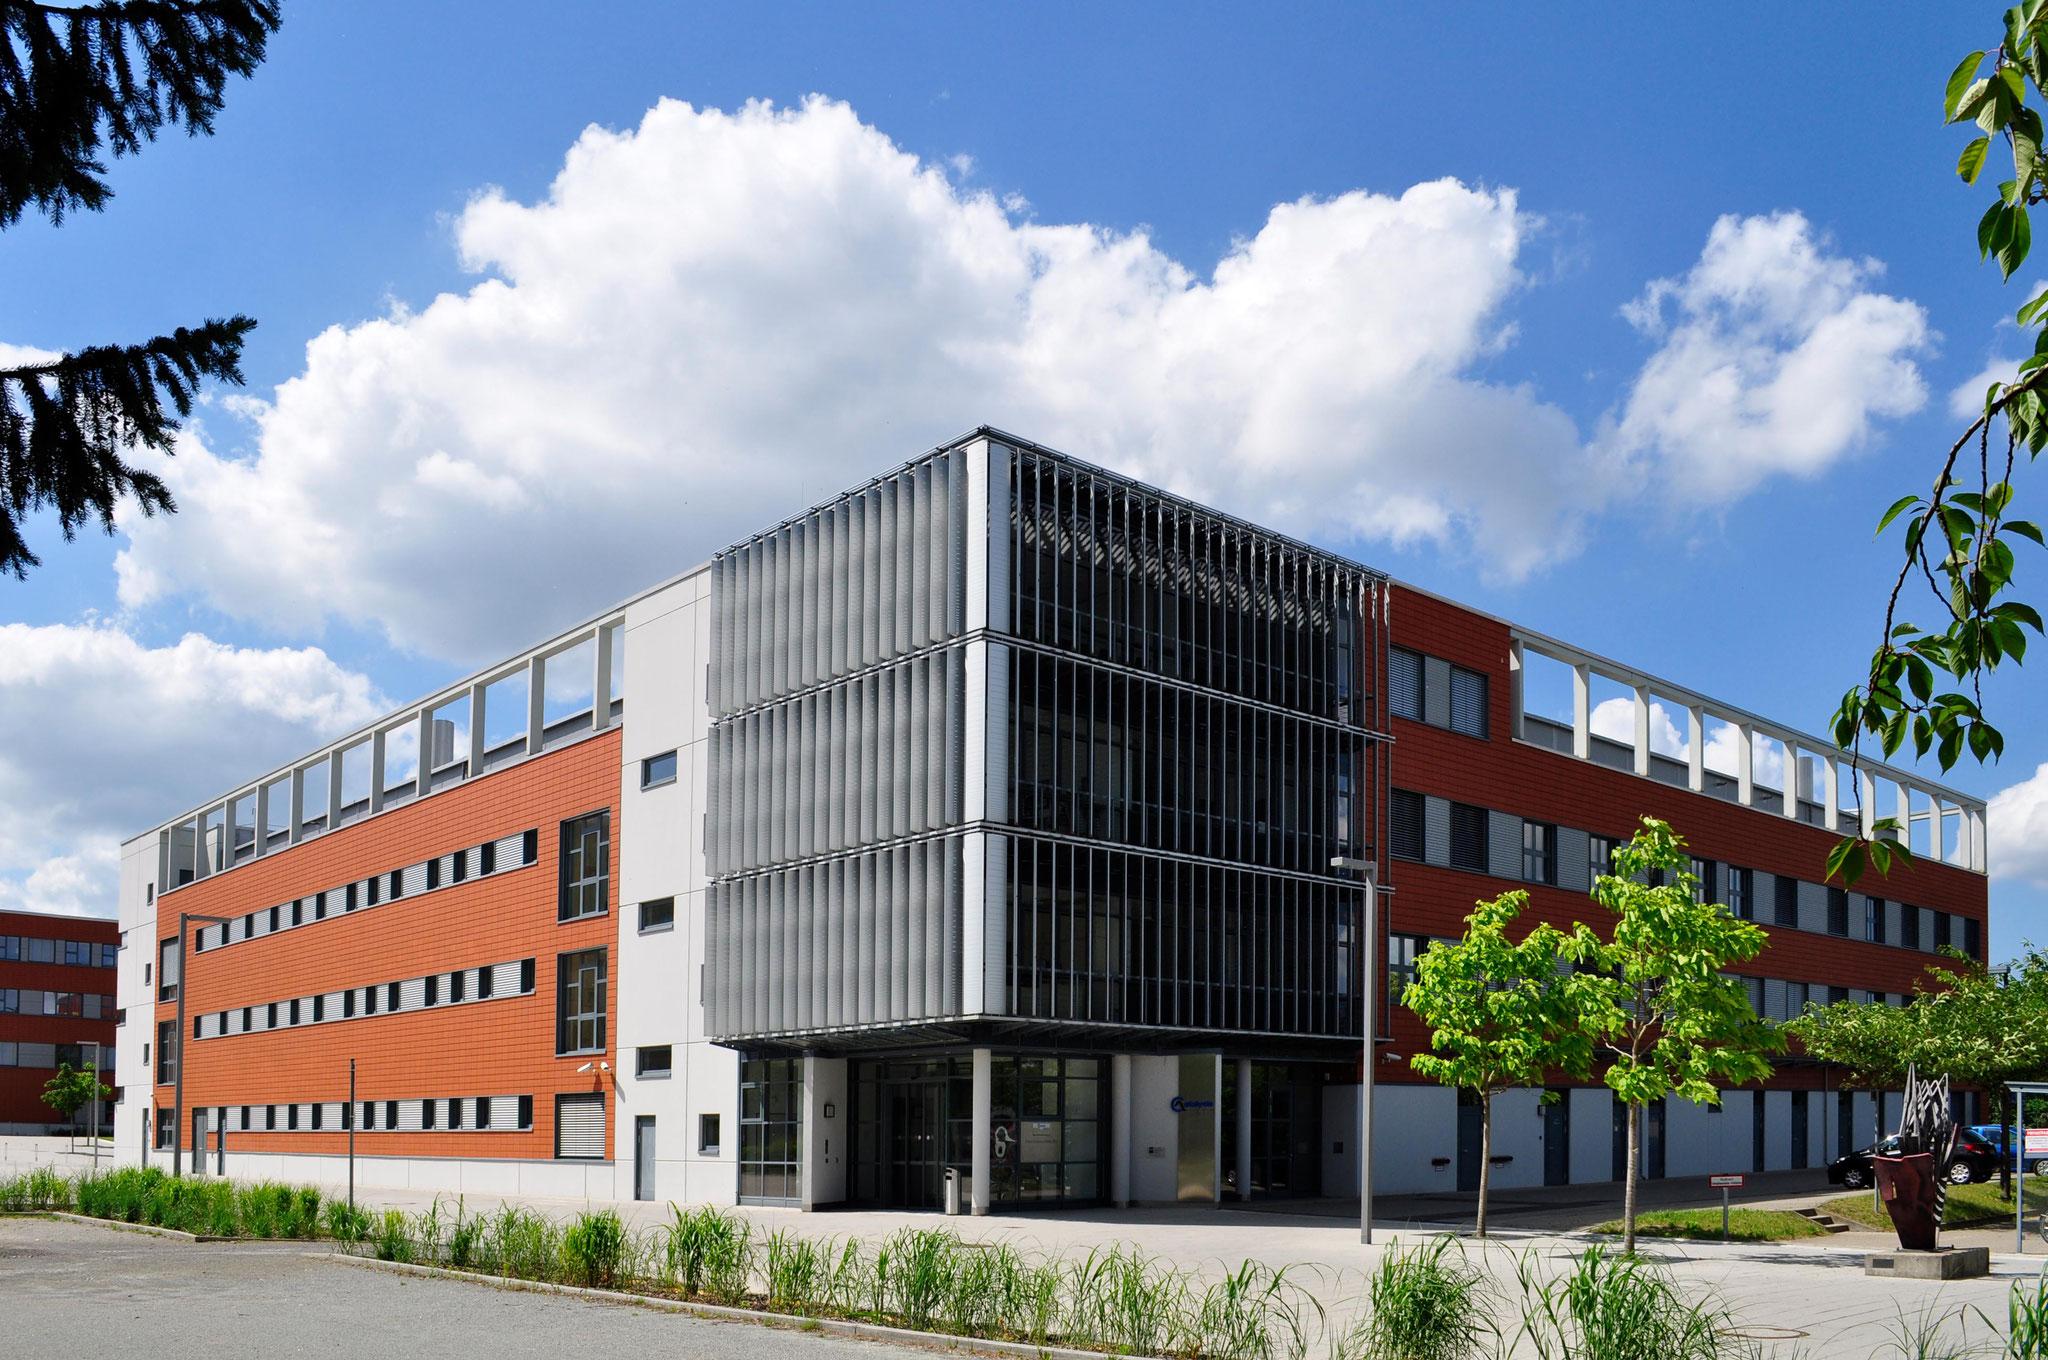 Forschungseinrichtung in der Rostocker Südstadt.